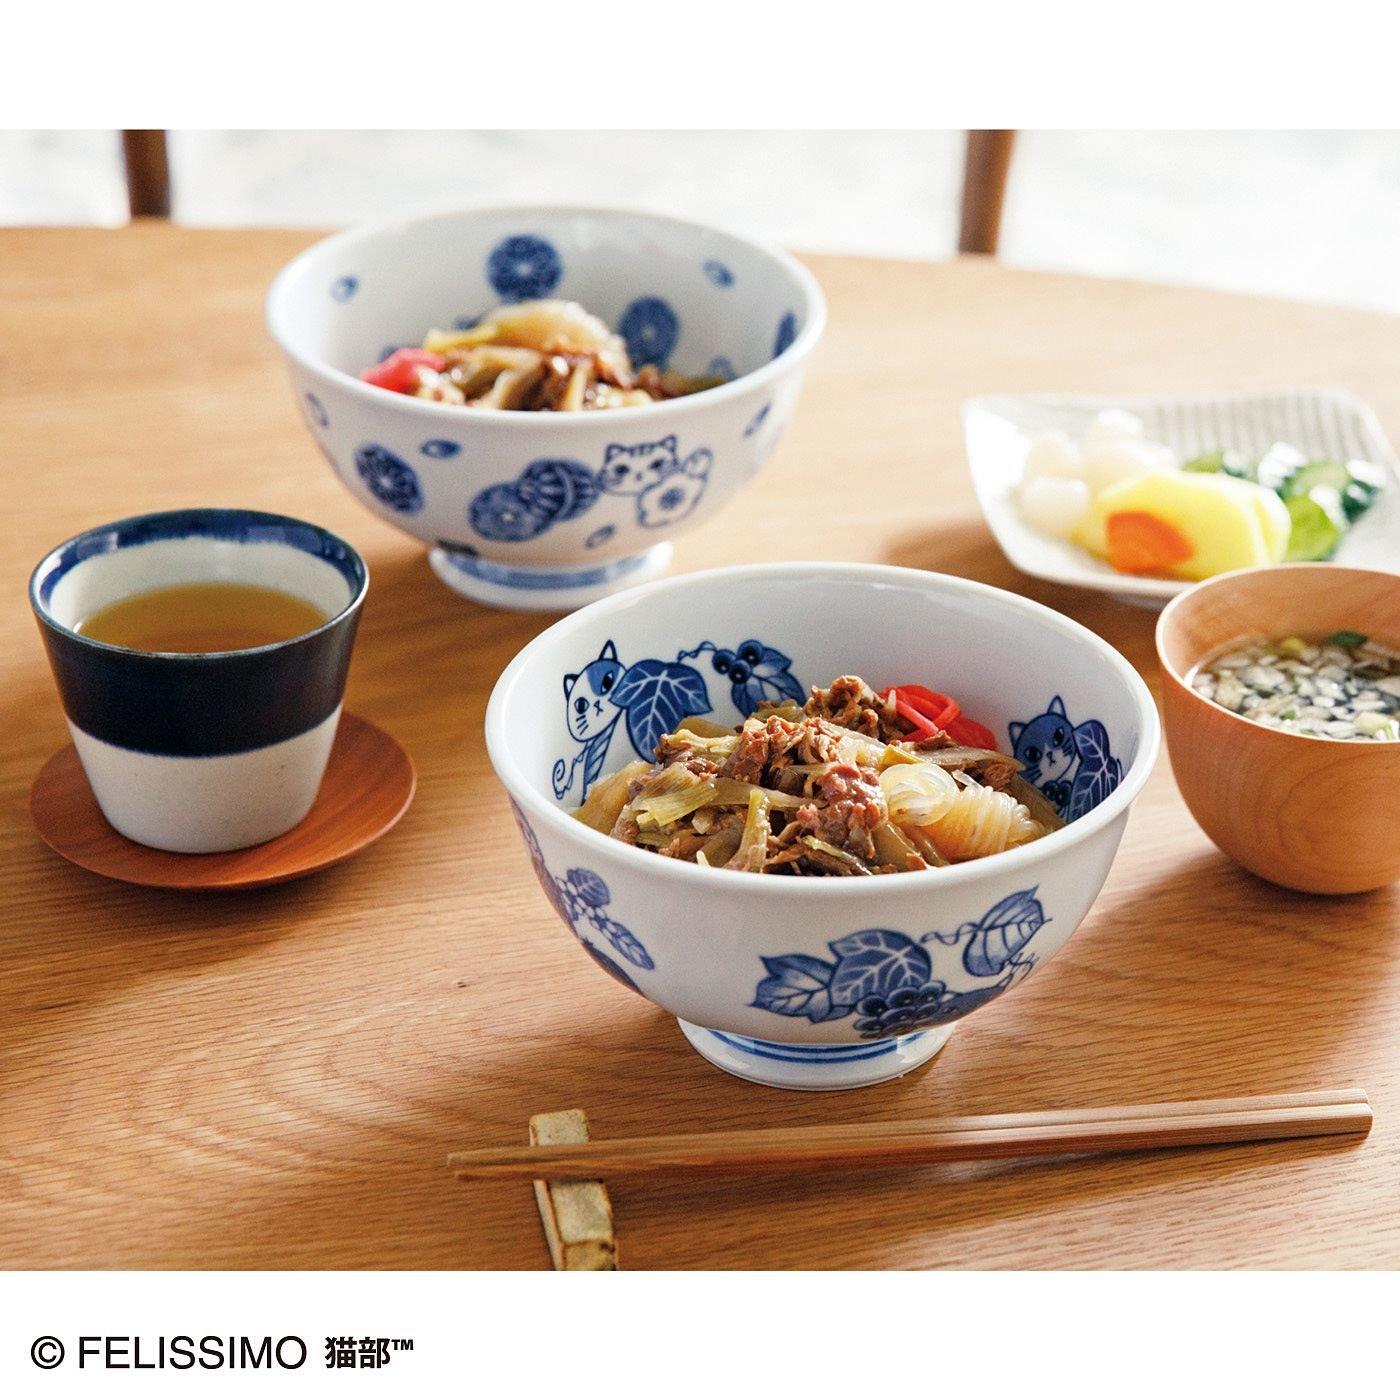 猫部×佐賀有田焼 国産牛のすき焼き丼セットの会